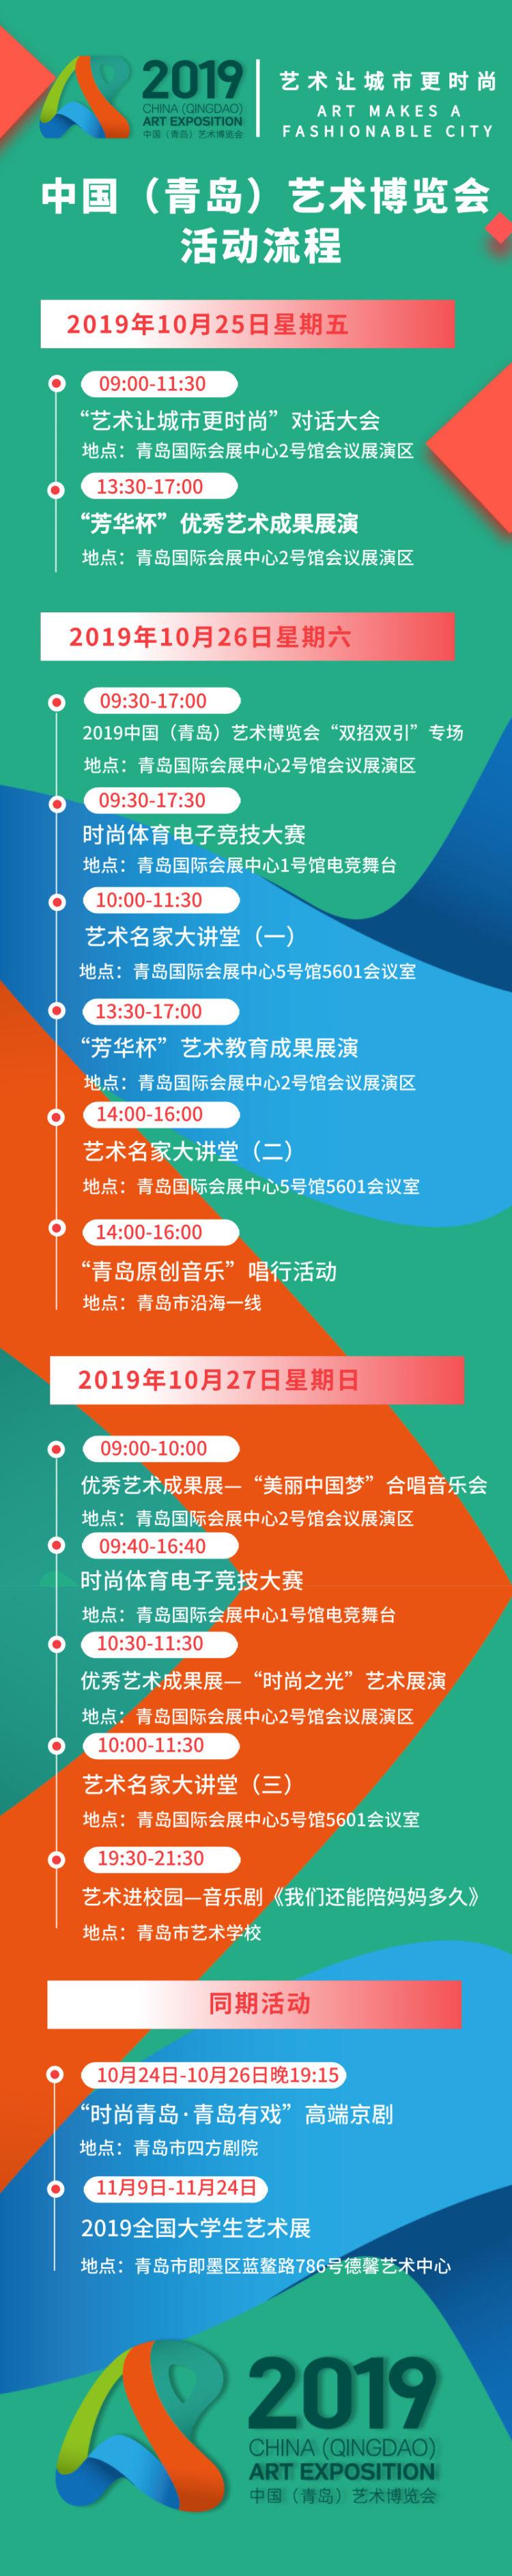 免费看!中国(青岛)艺博会25日开幕,观看全攻略来了!